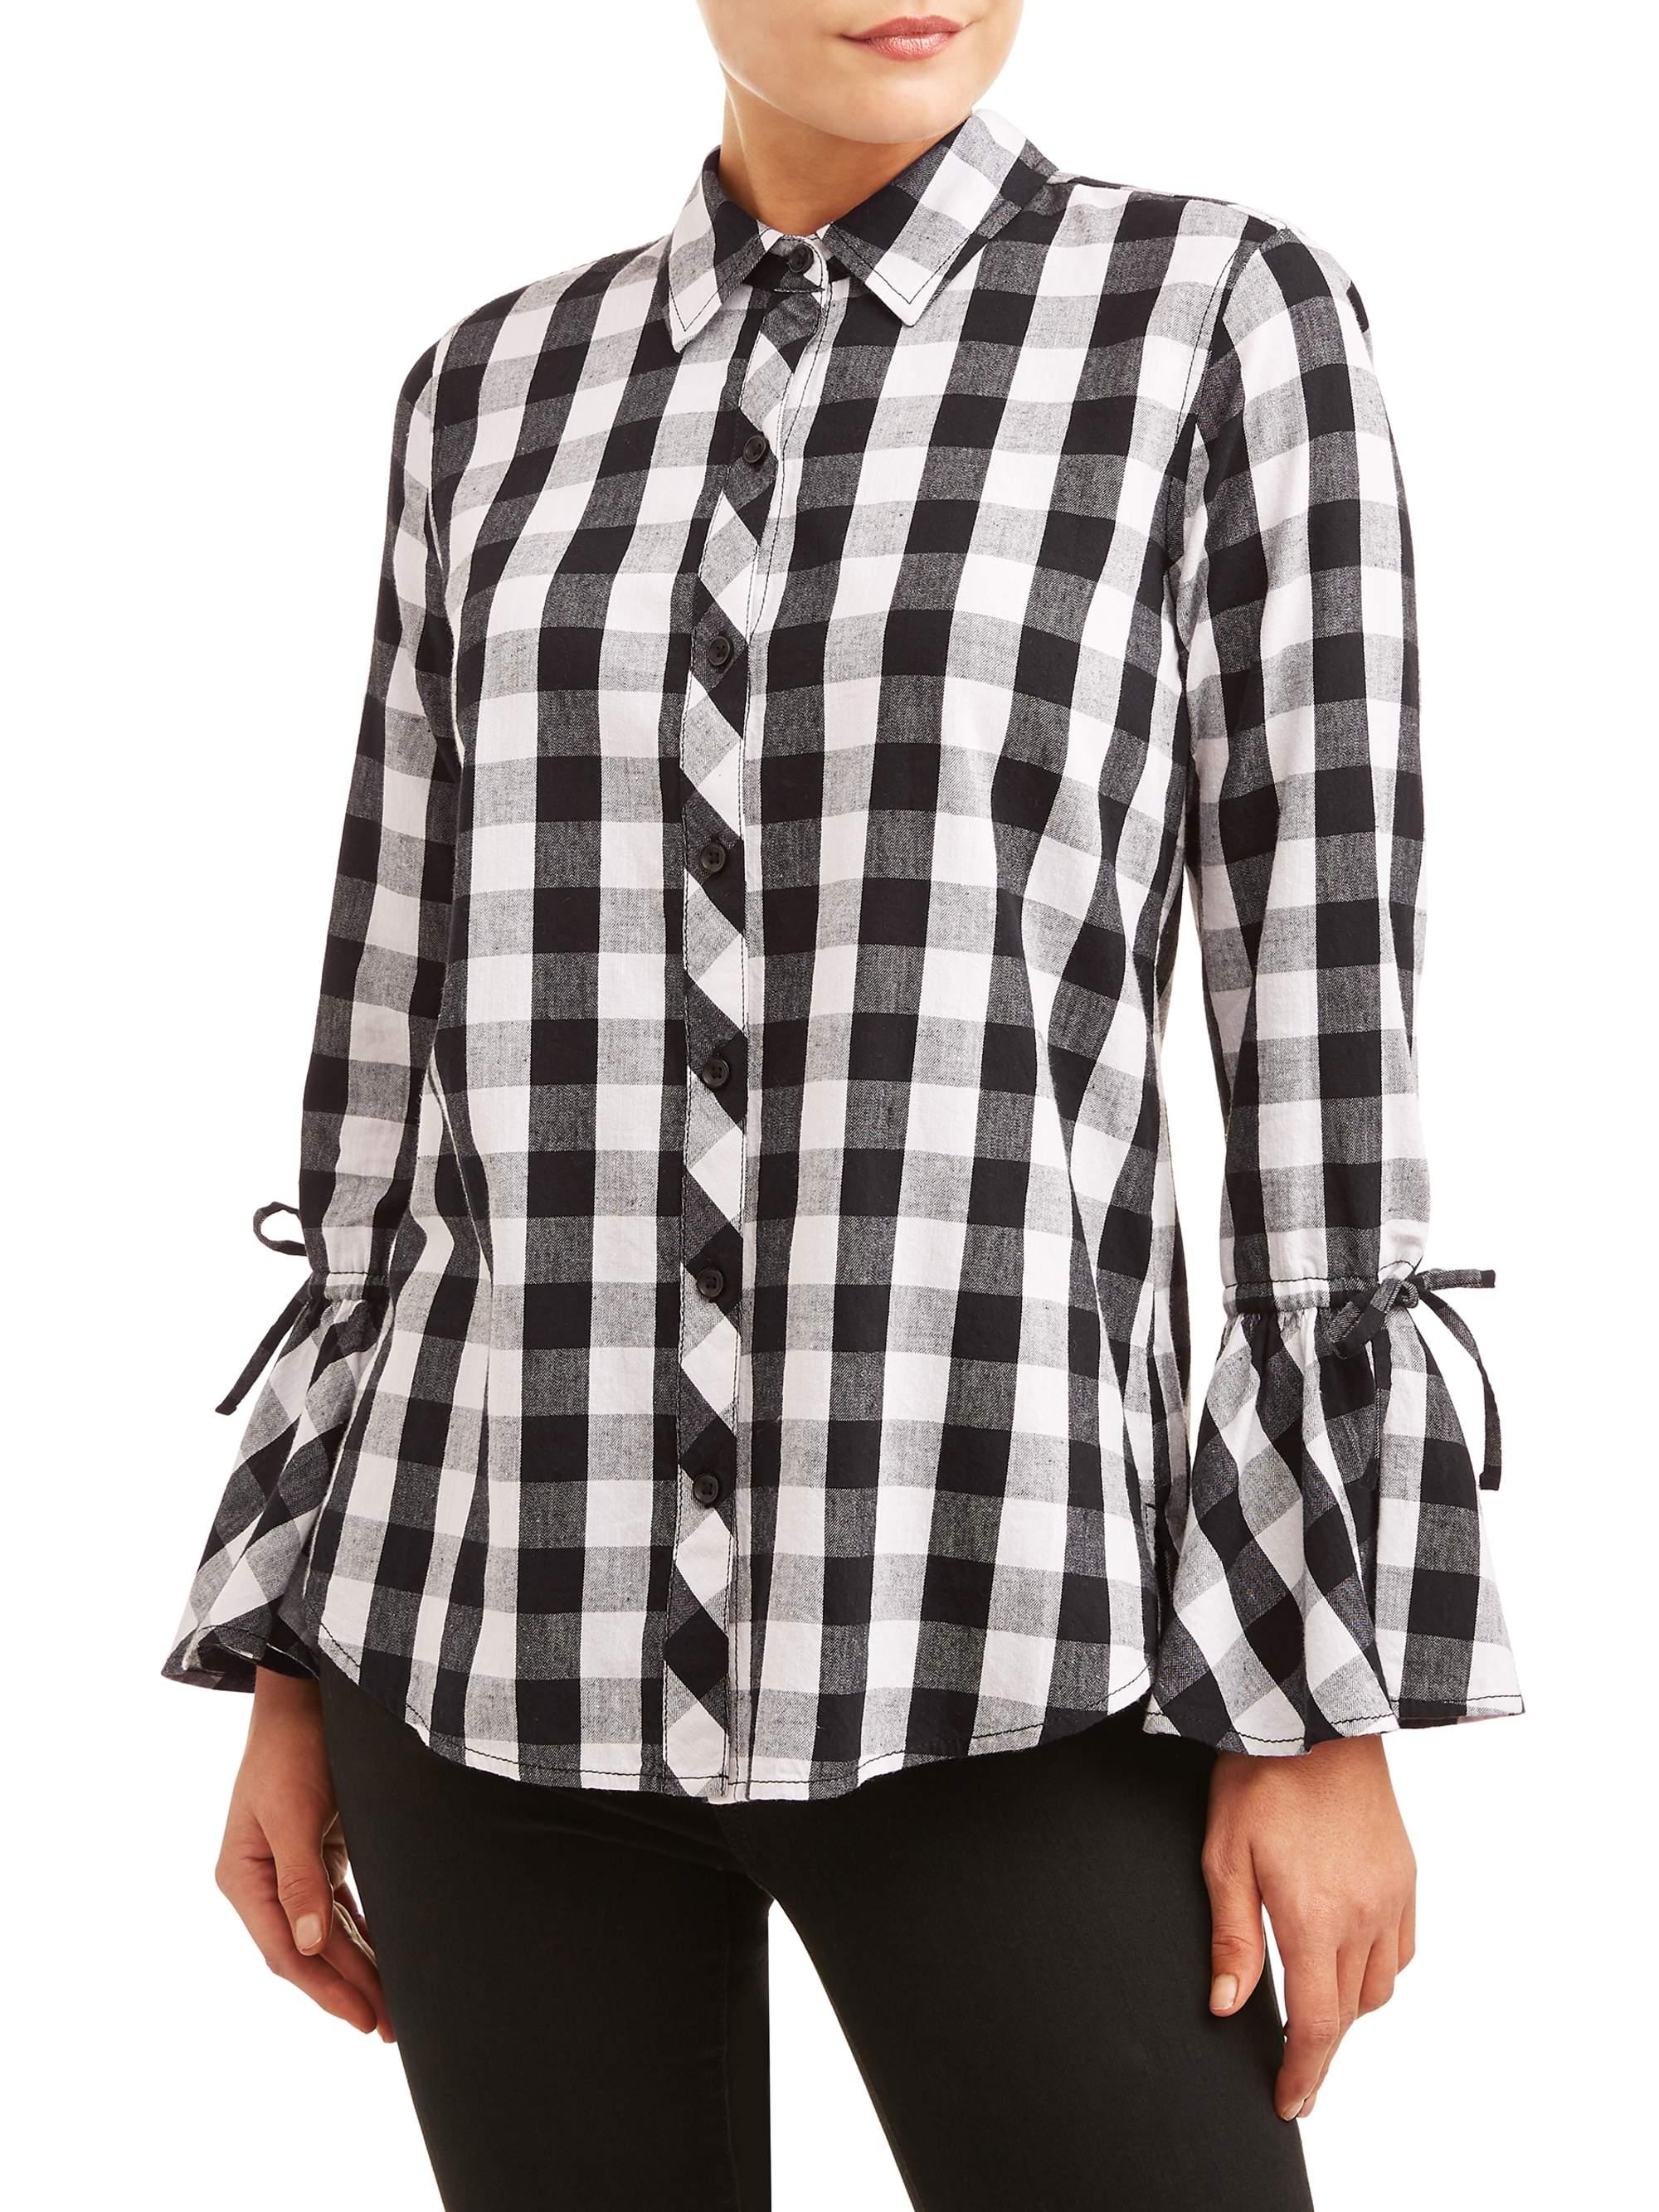 Time and Tru: Women's Woven Ruffle Sleeve Shirt $5.00 - Walmart